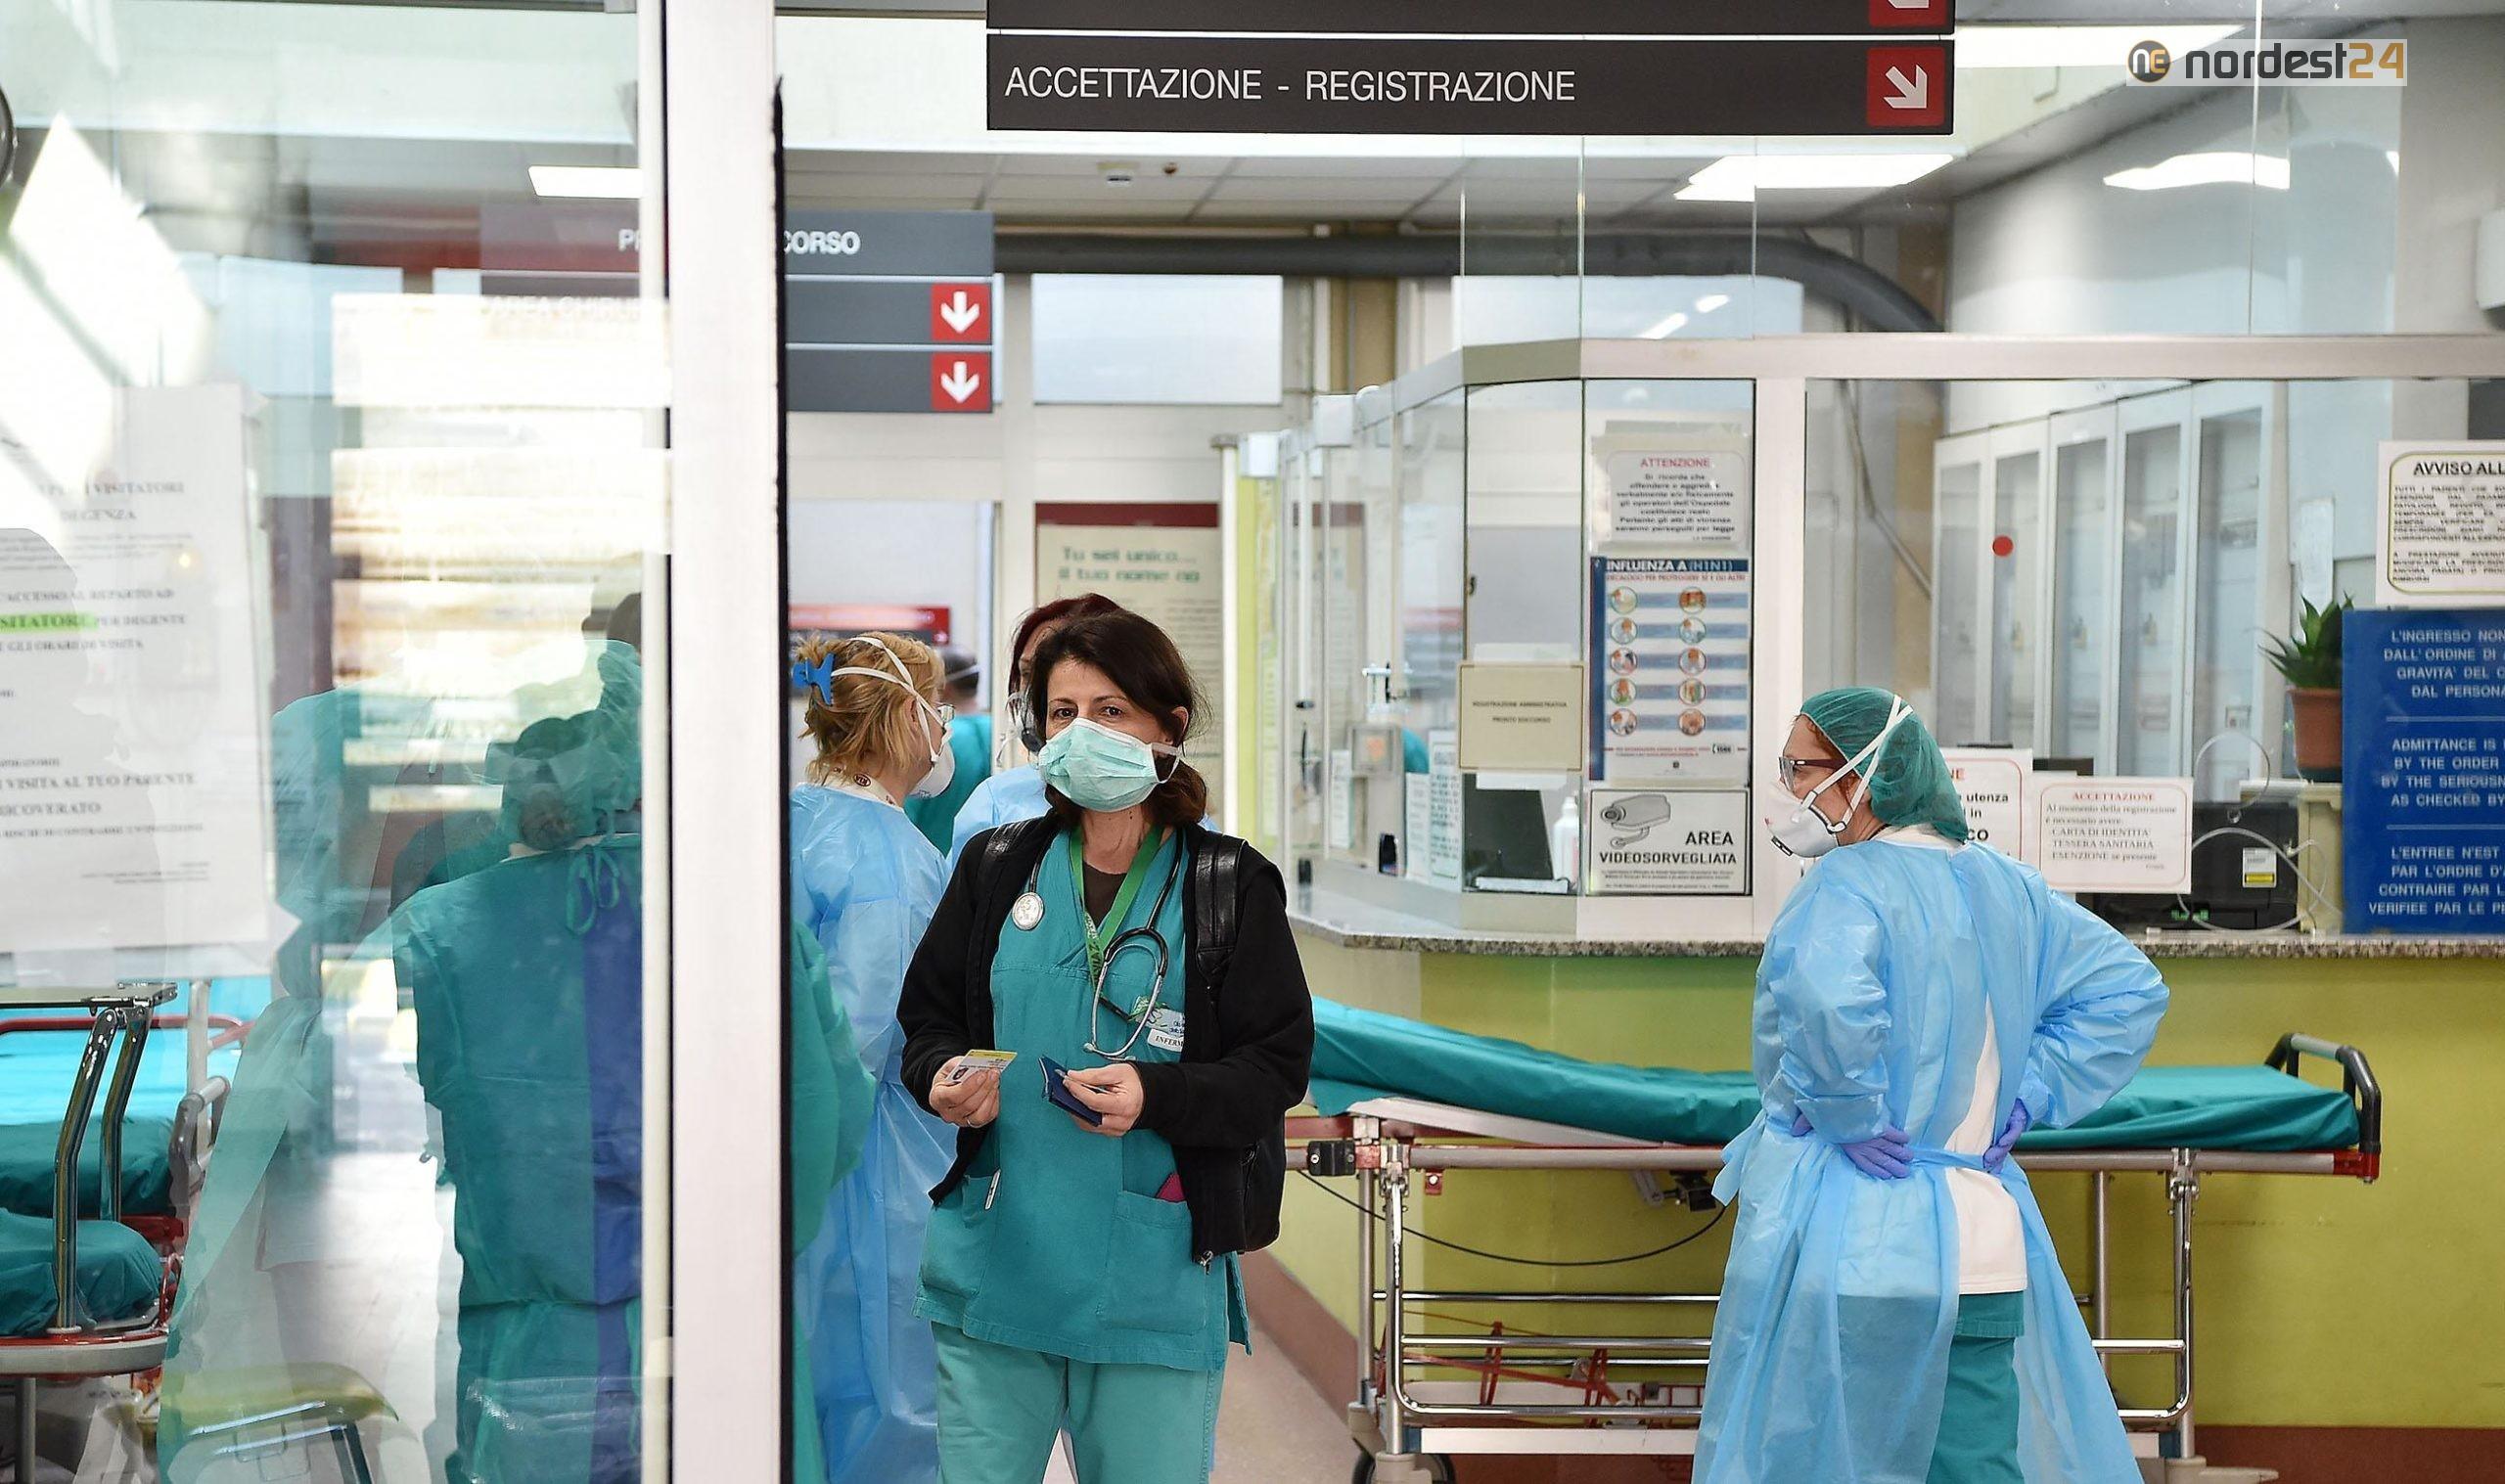 Coronavirus, Veneto: cresce la speranza, rallentano ricoveri e decessi